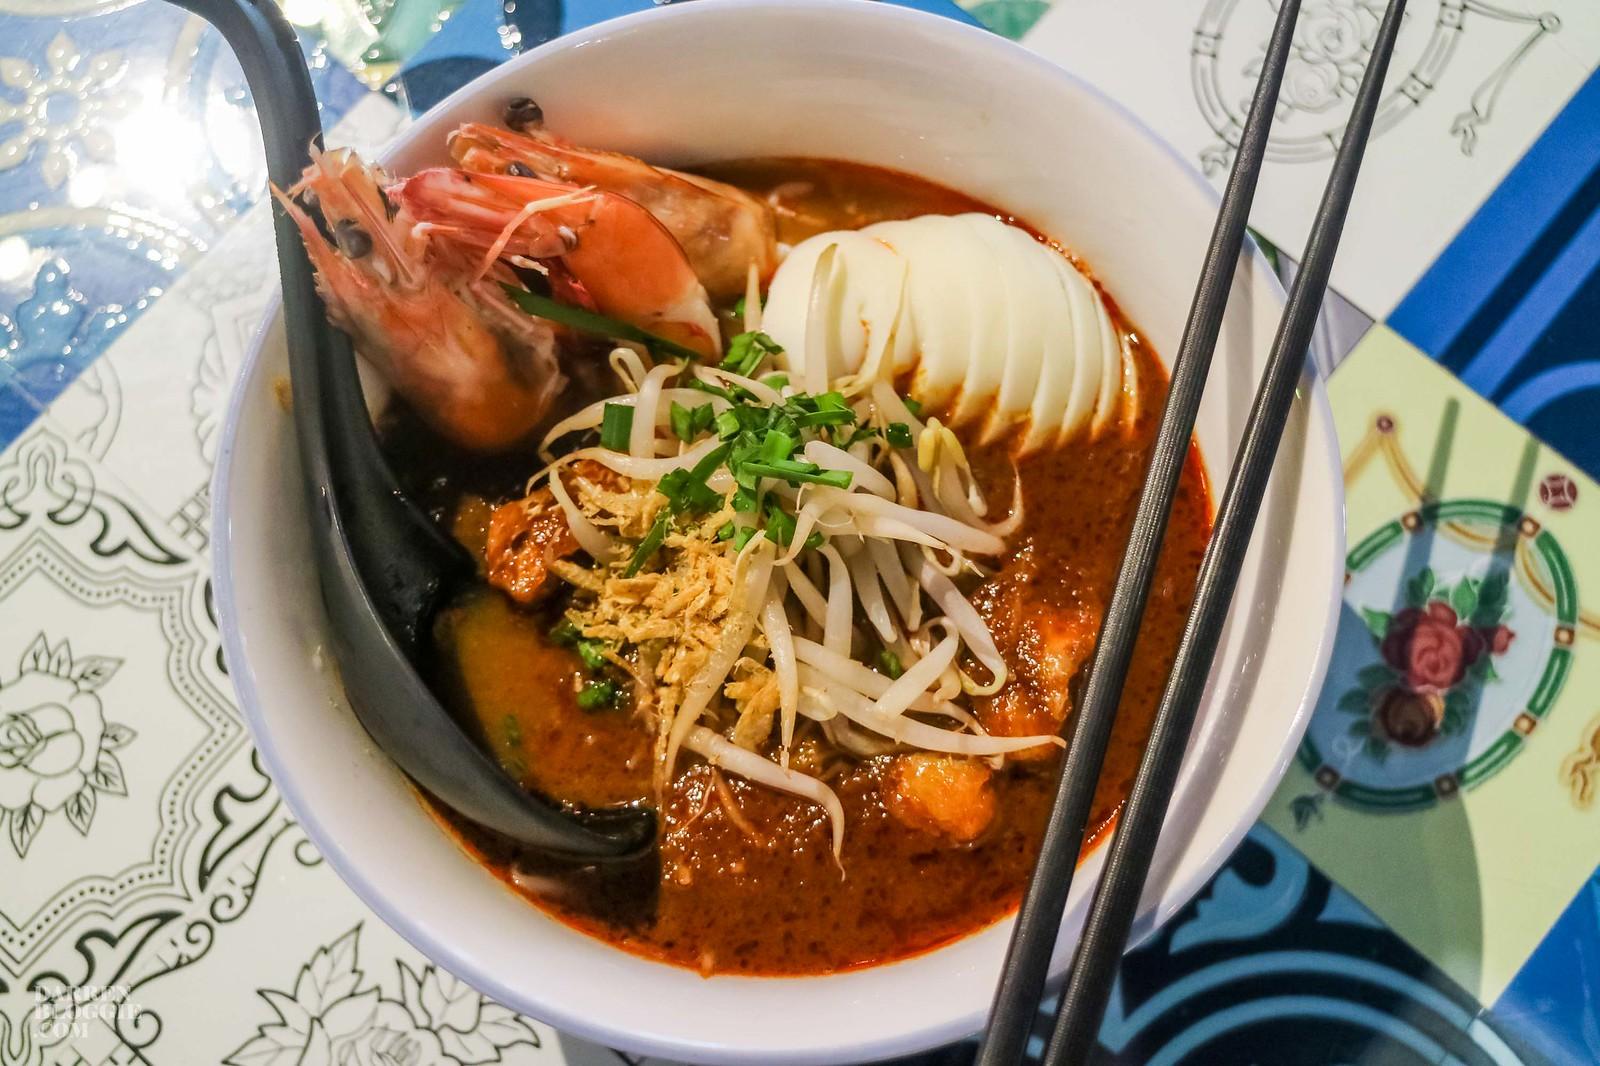 chong-wen-ge-cafe-singapore-telok-ayer-7